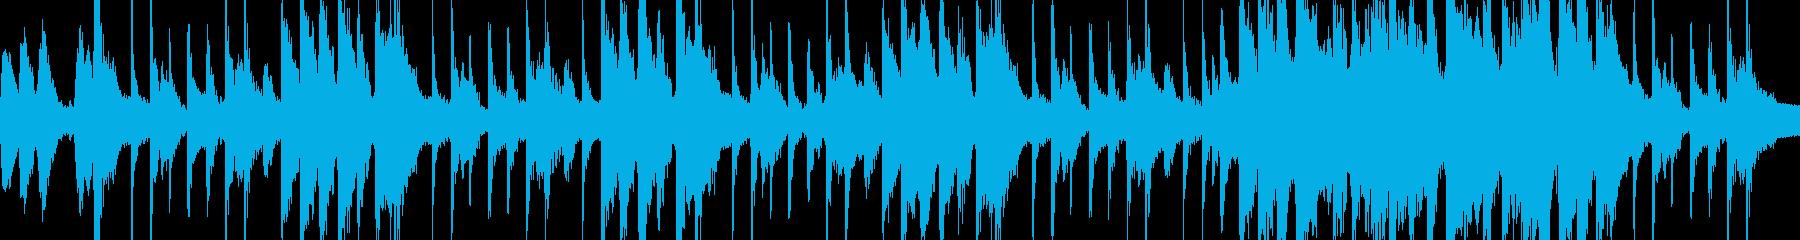 ビッグホーン、ラテン系のリズム、伝...の再生済みの波形